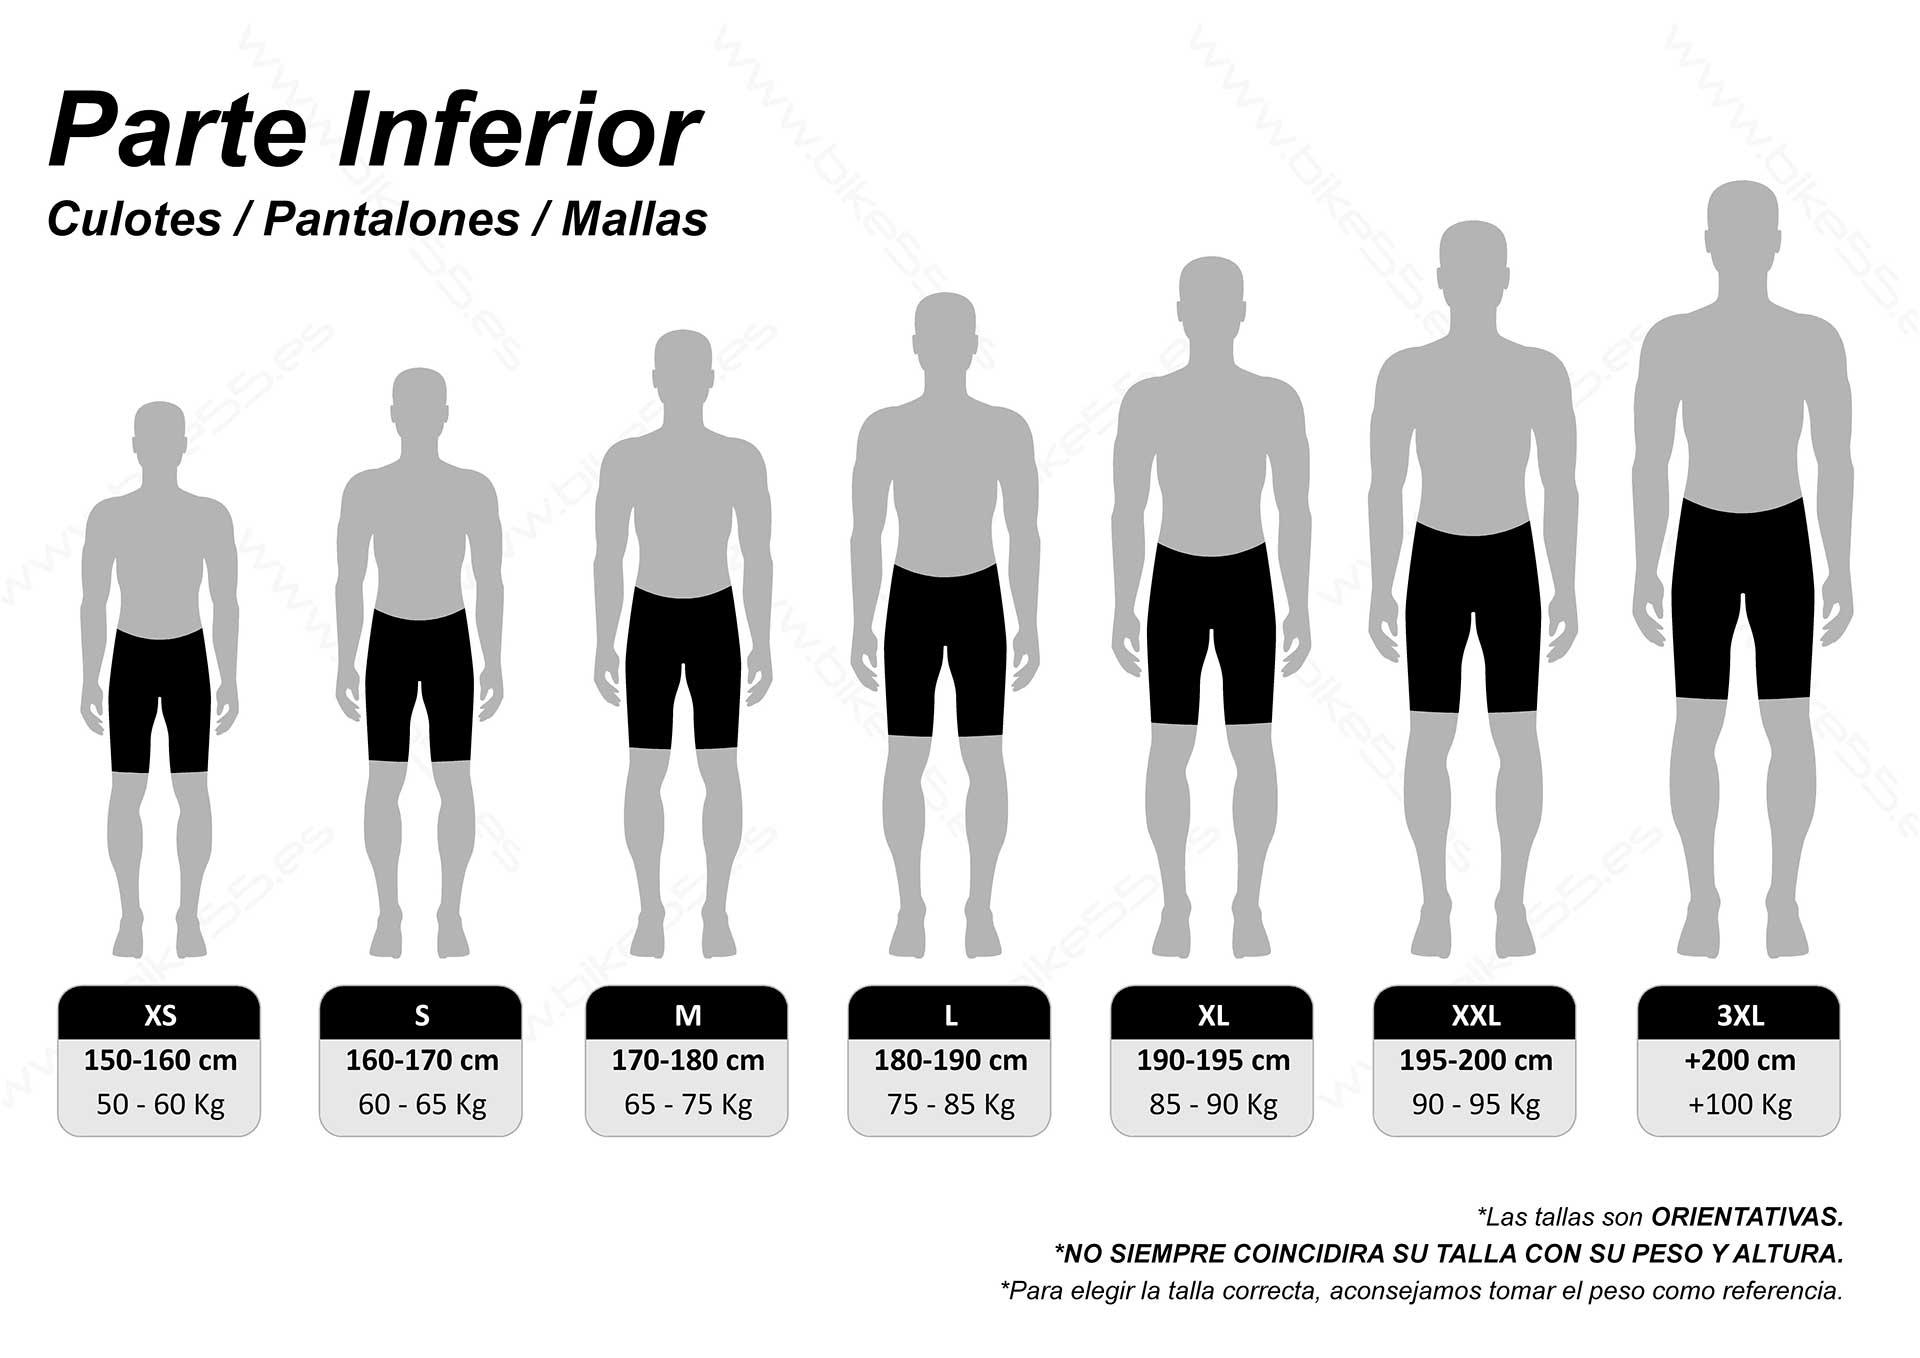 Guía de tallas piernas